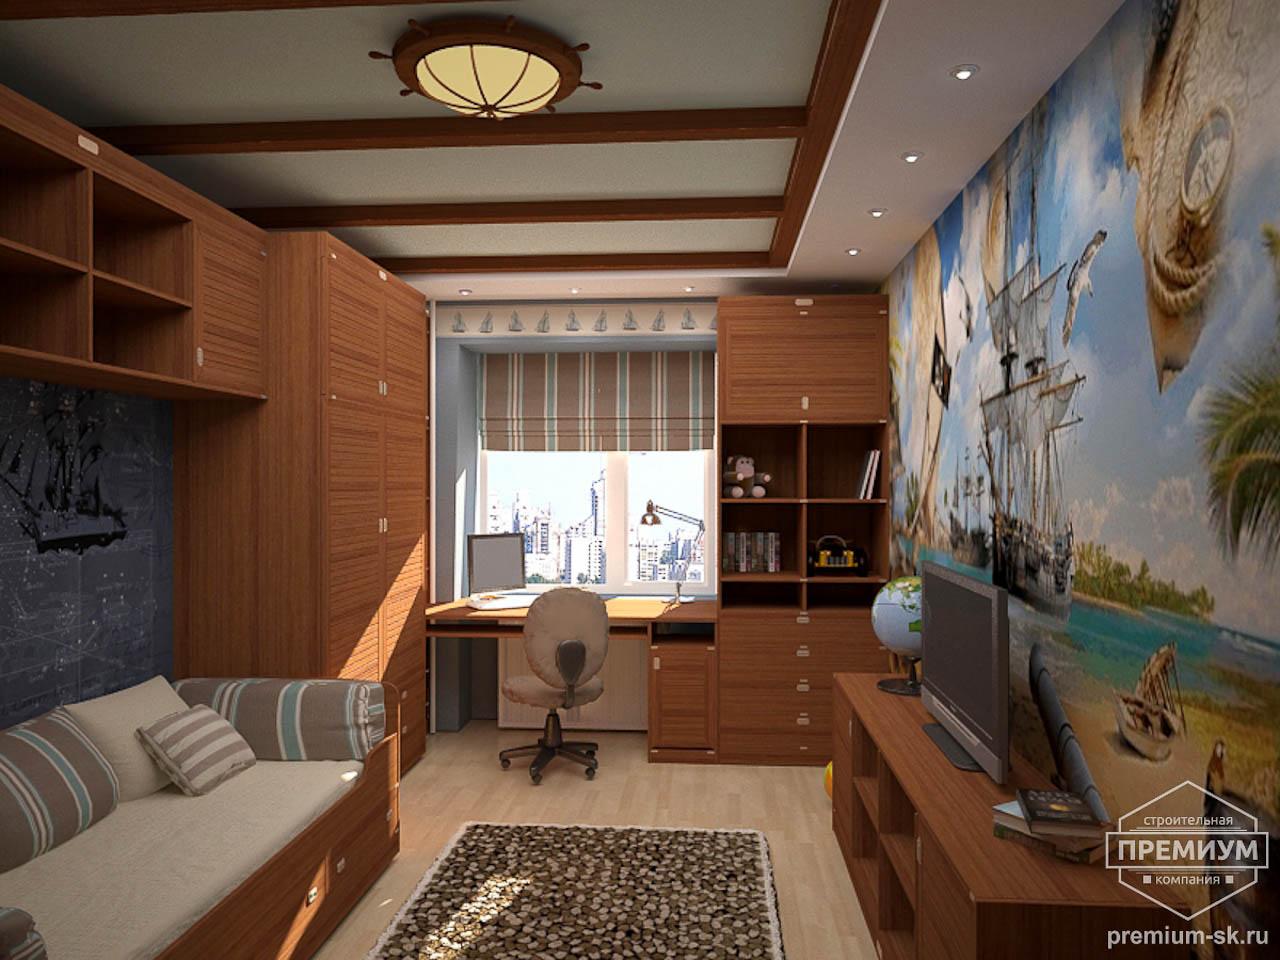 Дизайн интерьера детской по ул. Фролова 31 img1494001225